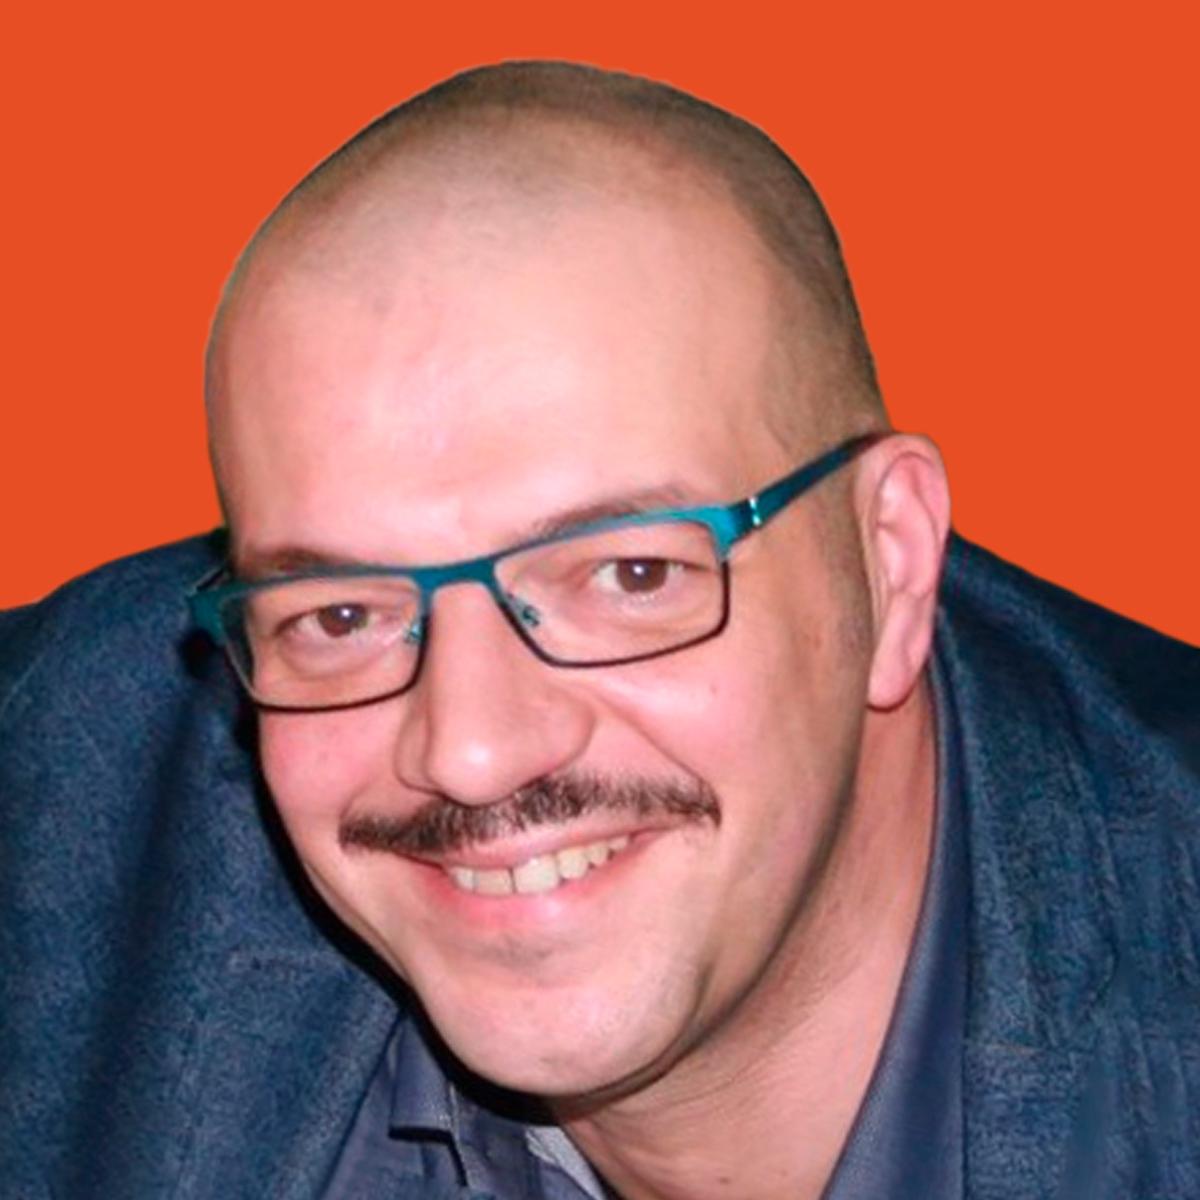 Fabio Faieta